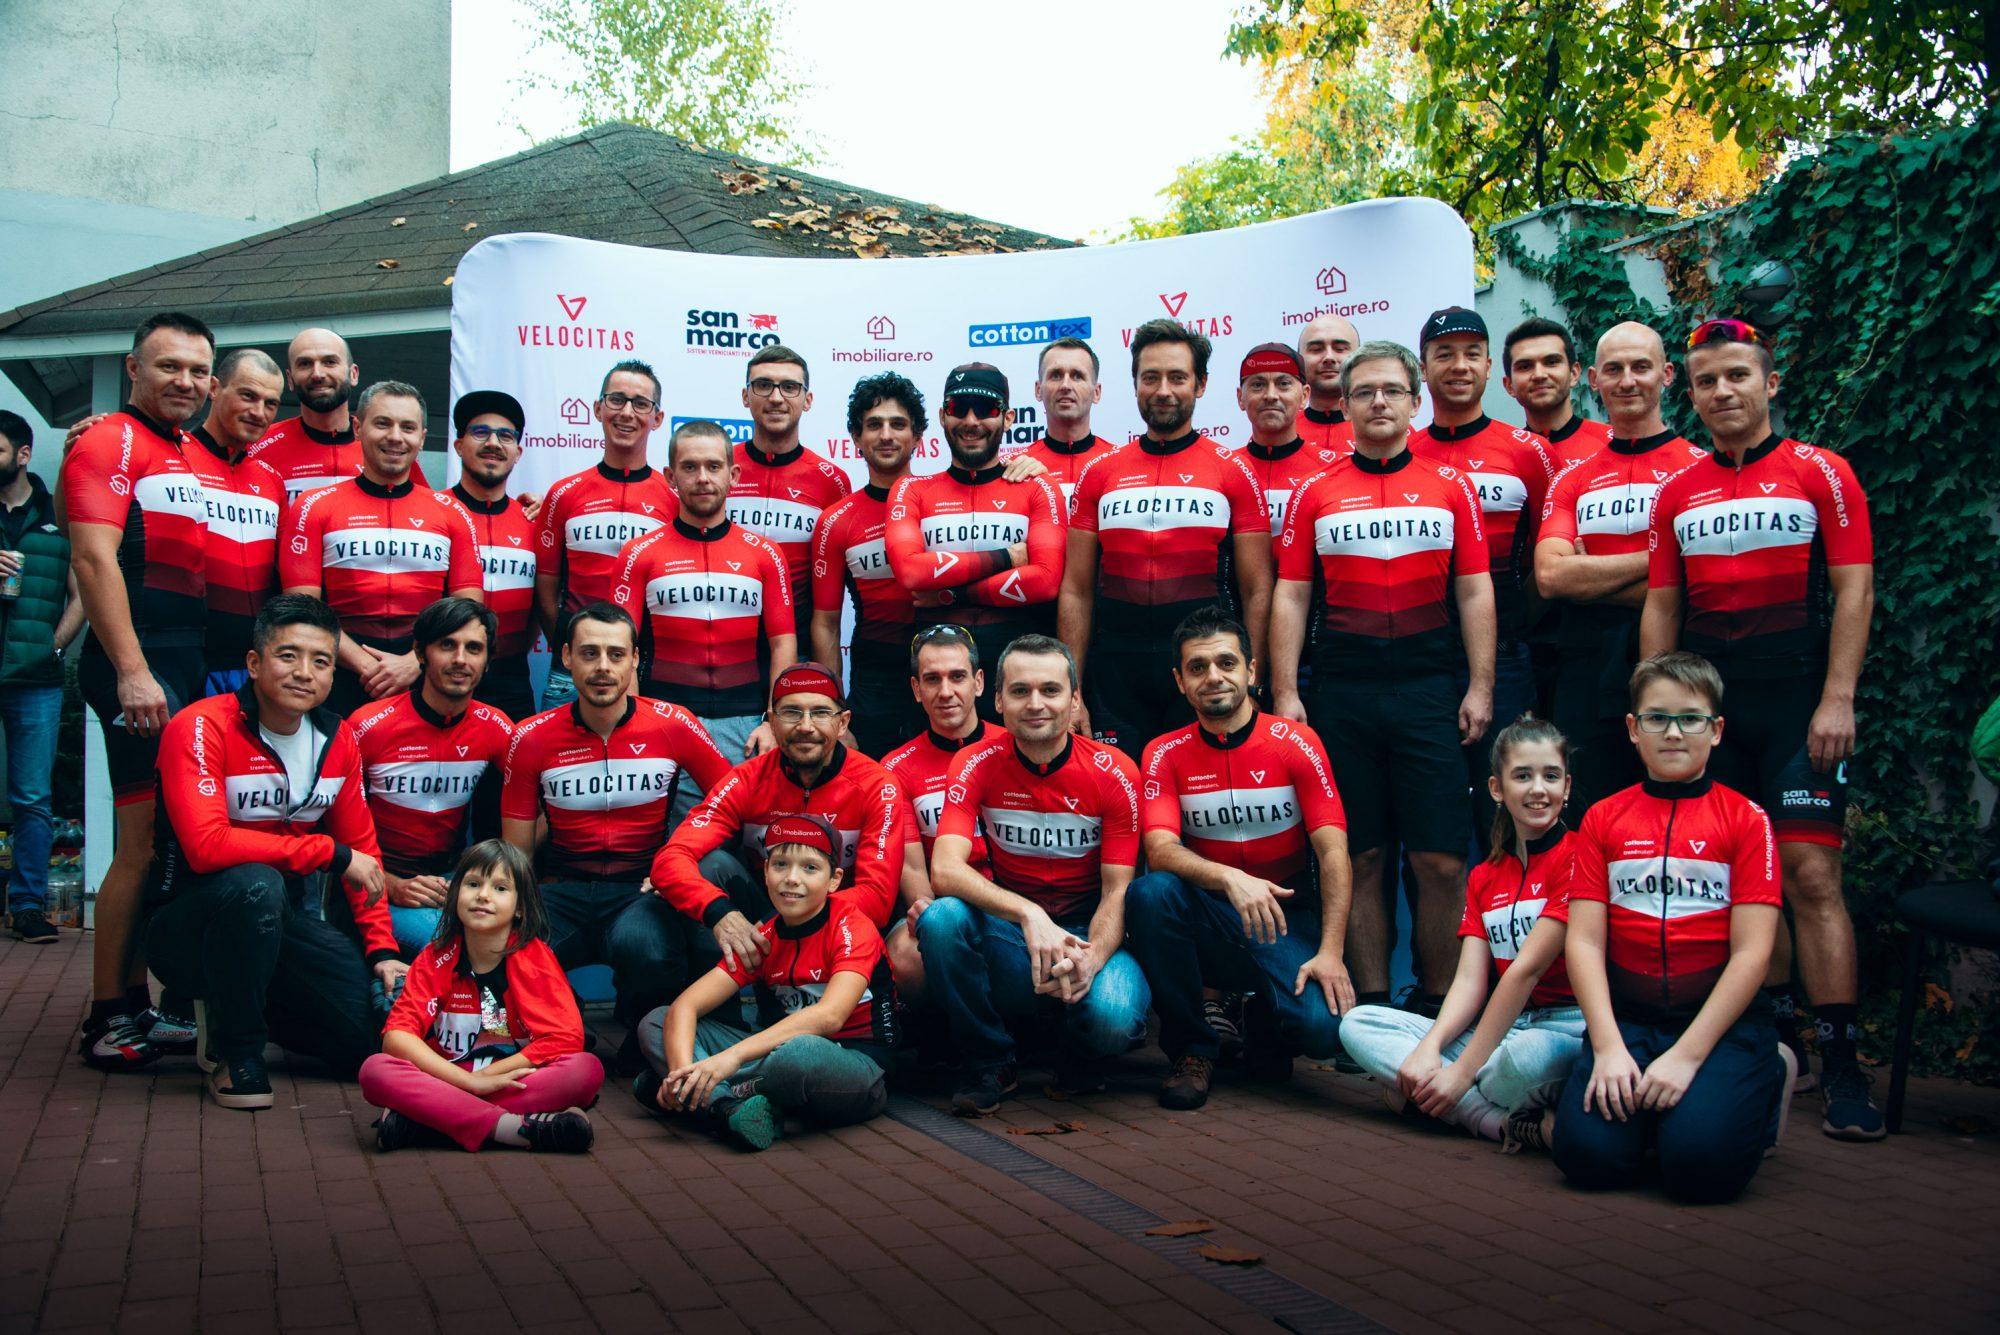 Echipa de ciclism VELOCITAS